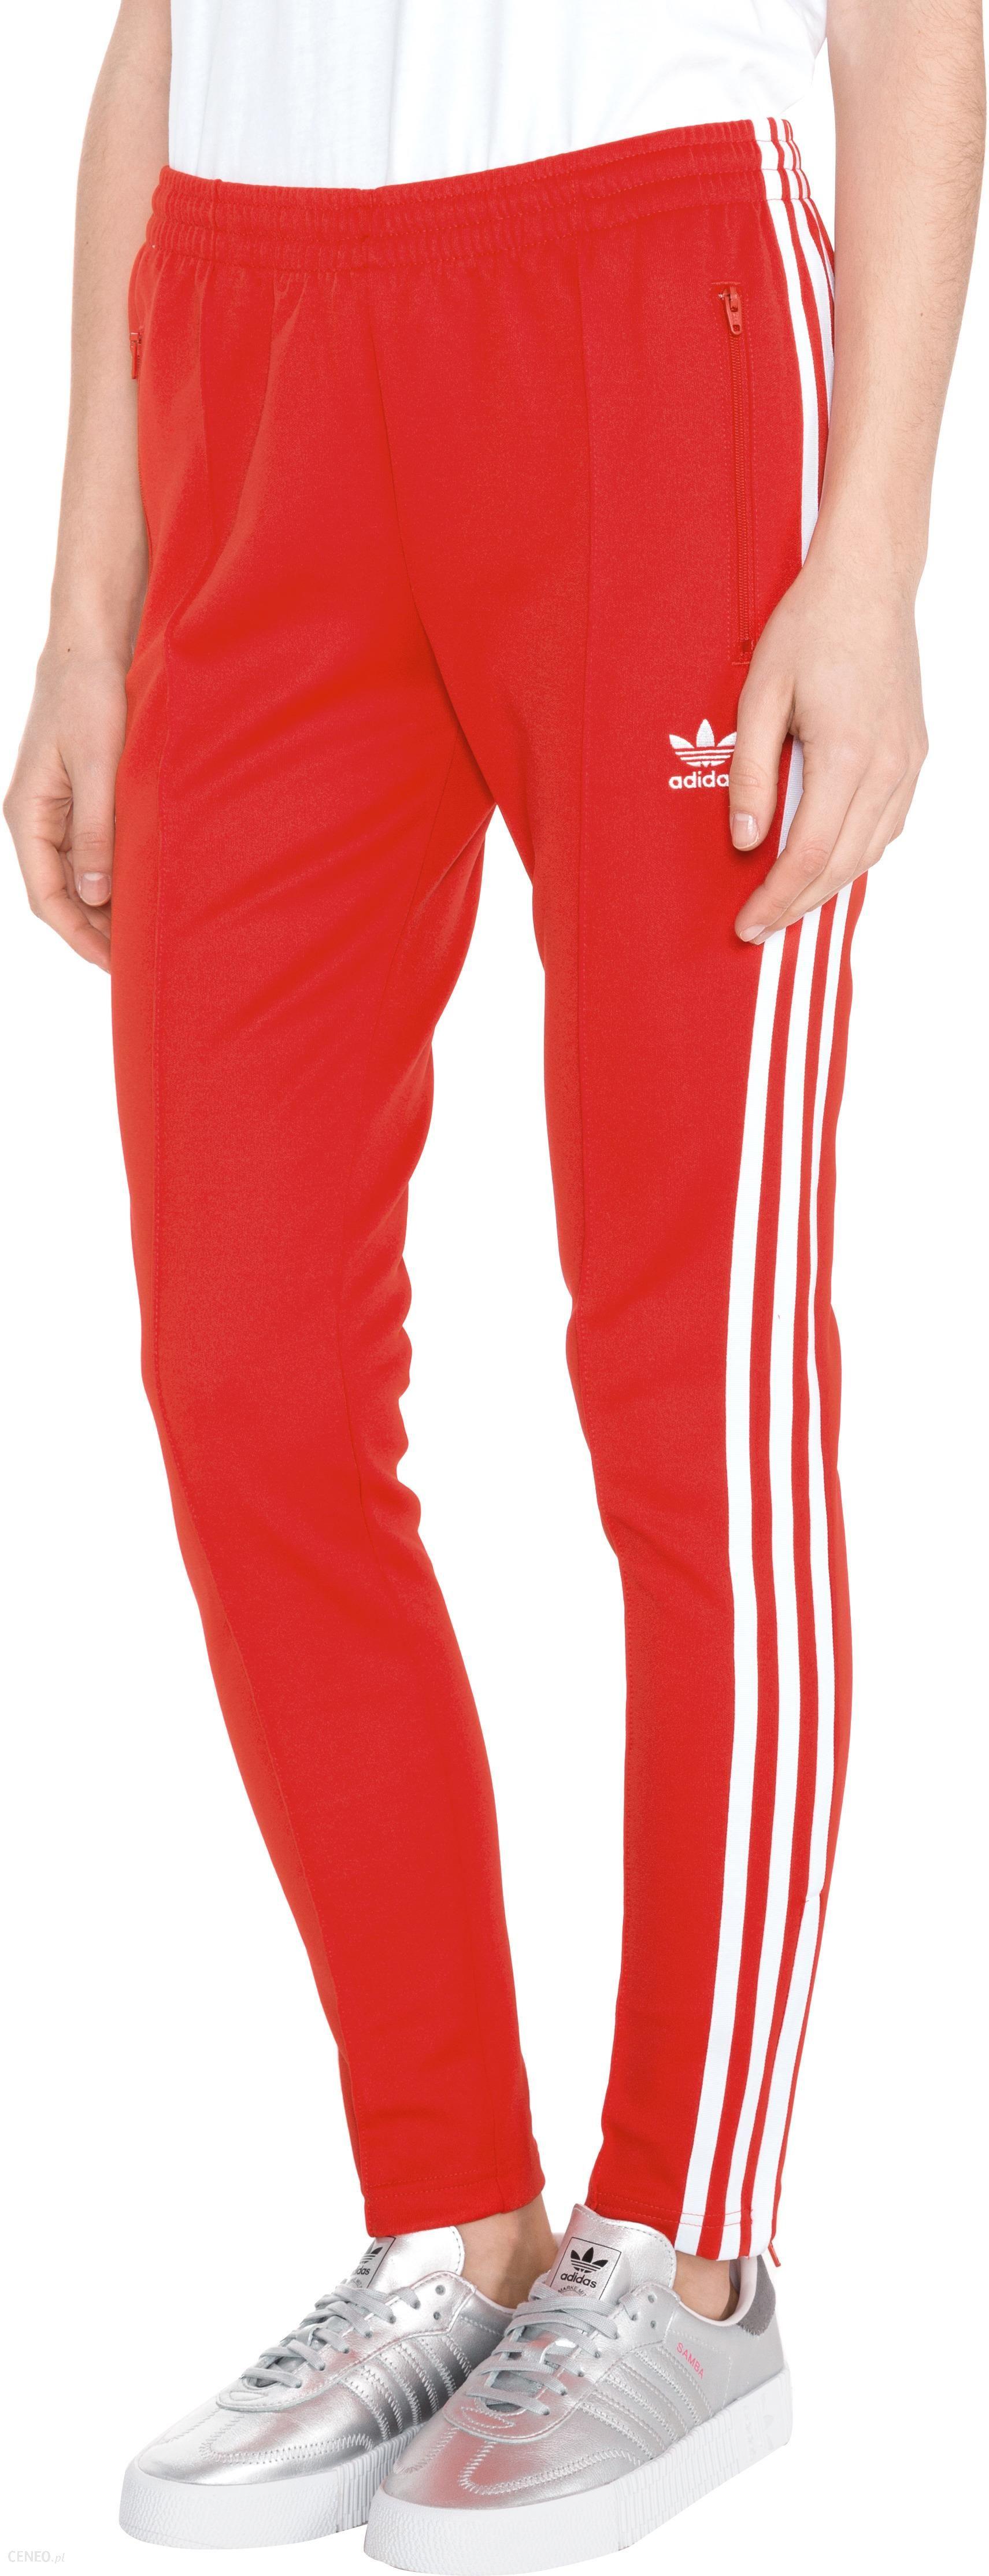 spodnie adidas sst damskie czerwone